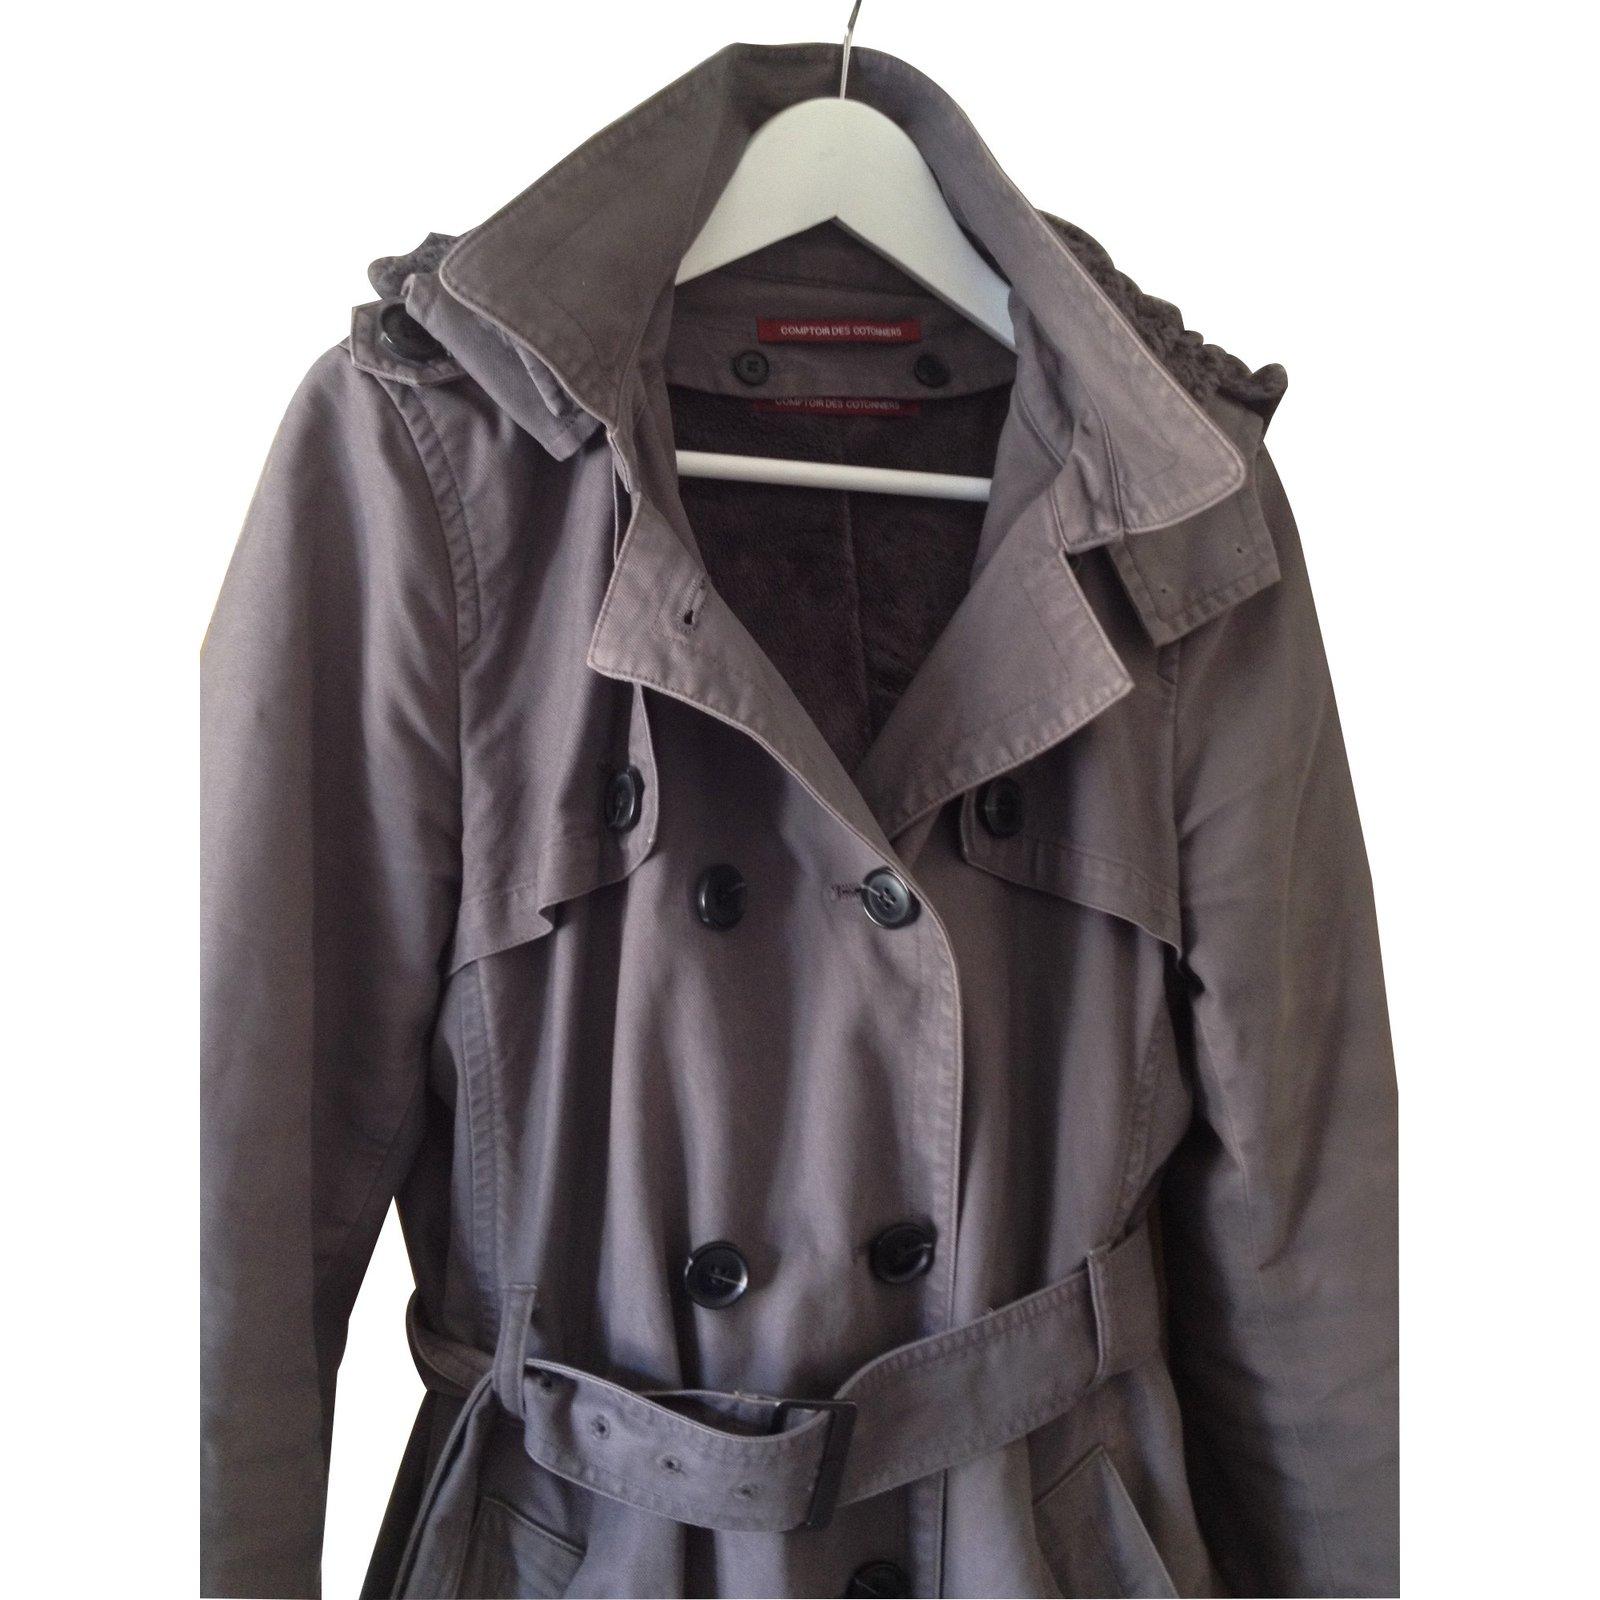 Manteau peau retourne comptoir des cotonniers simple - Manteau peau retournee comptoir des cotonniers ...